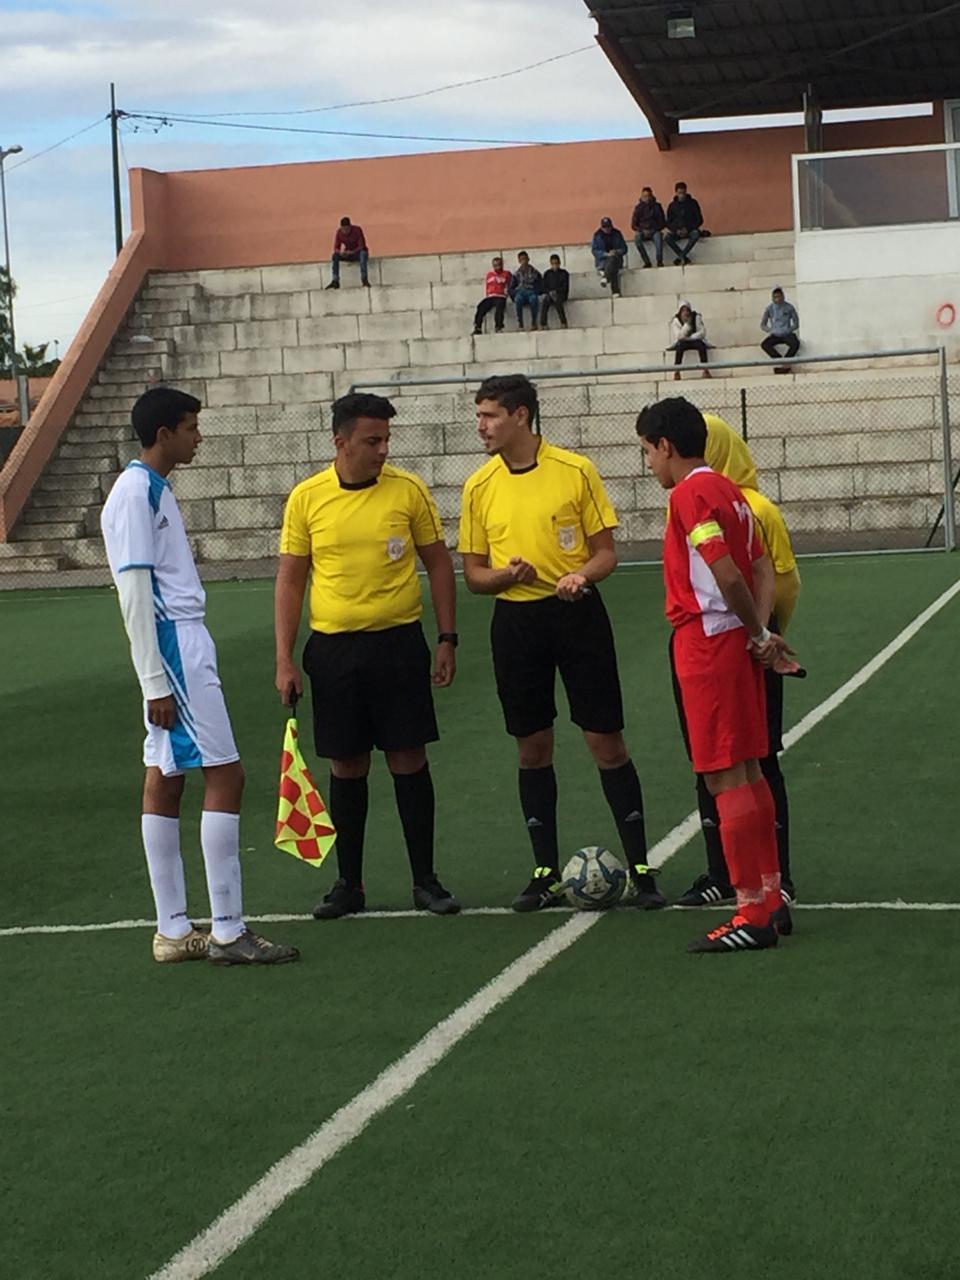 فتيان أكاديمية  شباب الرحامنة لكرة القدم  يتألقون في البطولة  والصغار يبهرون في البرنامج الإعدادي.